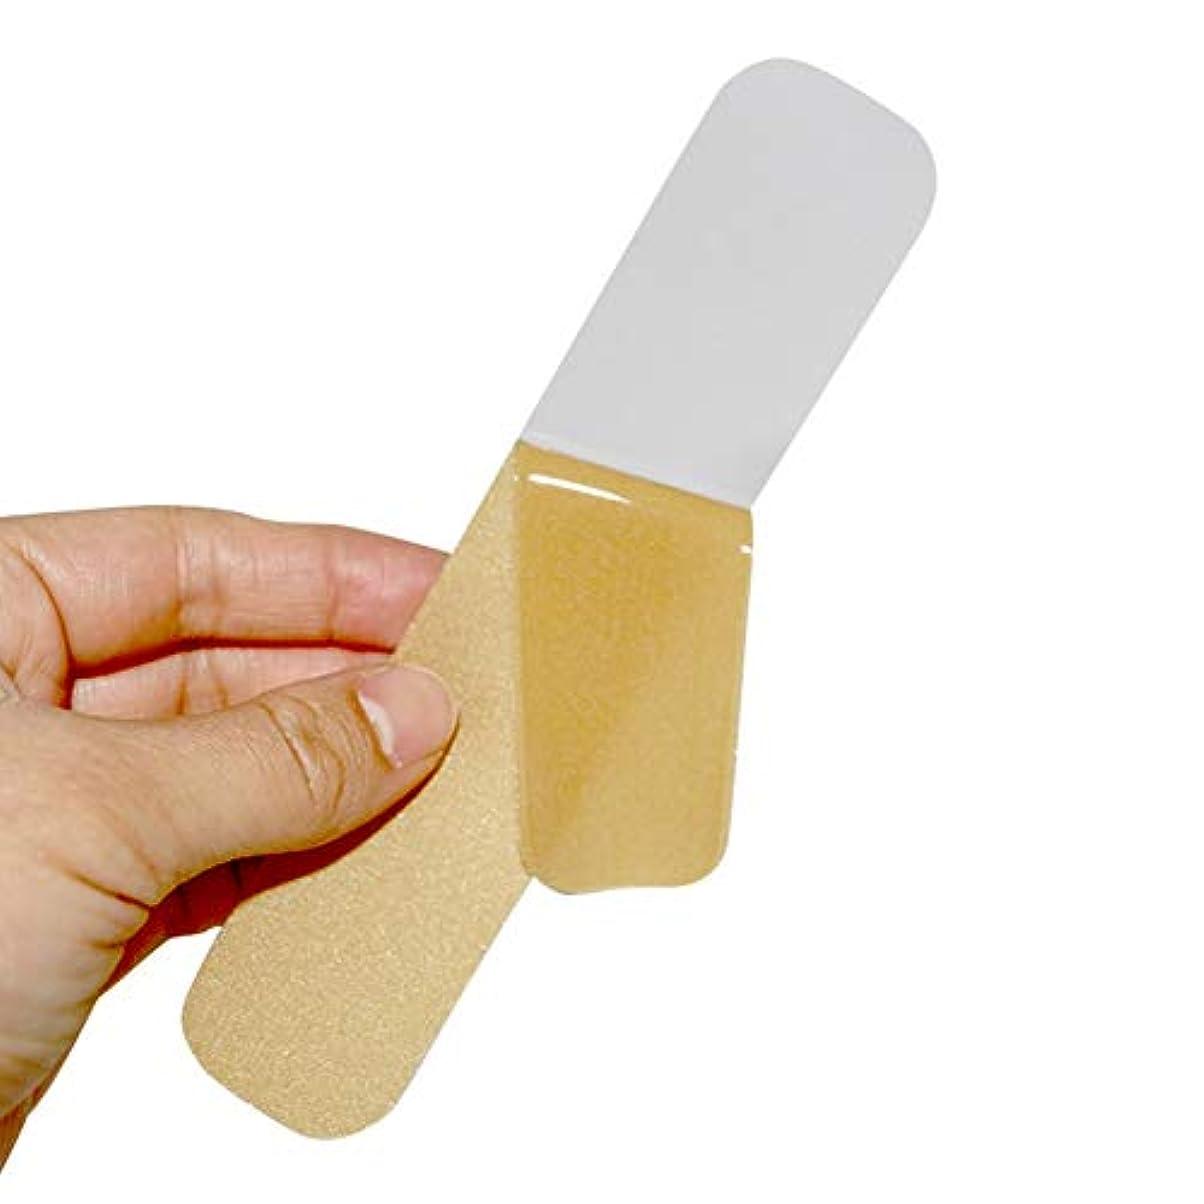 ペッカディロ噴火どれDkhsyシリコンゲル傷跡シートゲルパッチシリコンゲルパッチ再利用可能なシリコンゲルパッチ傷跡除去ヒーリングシート皮膚修復シーティング